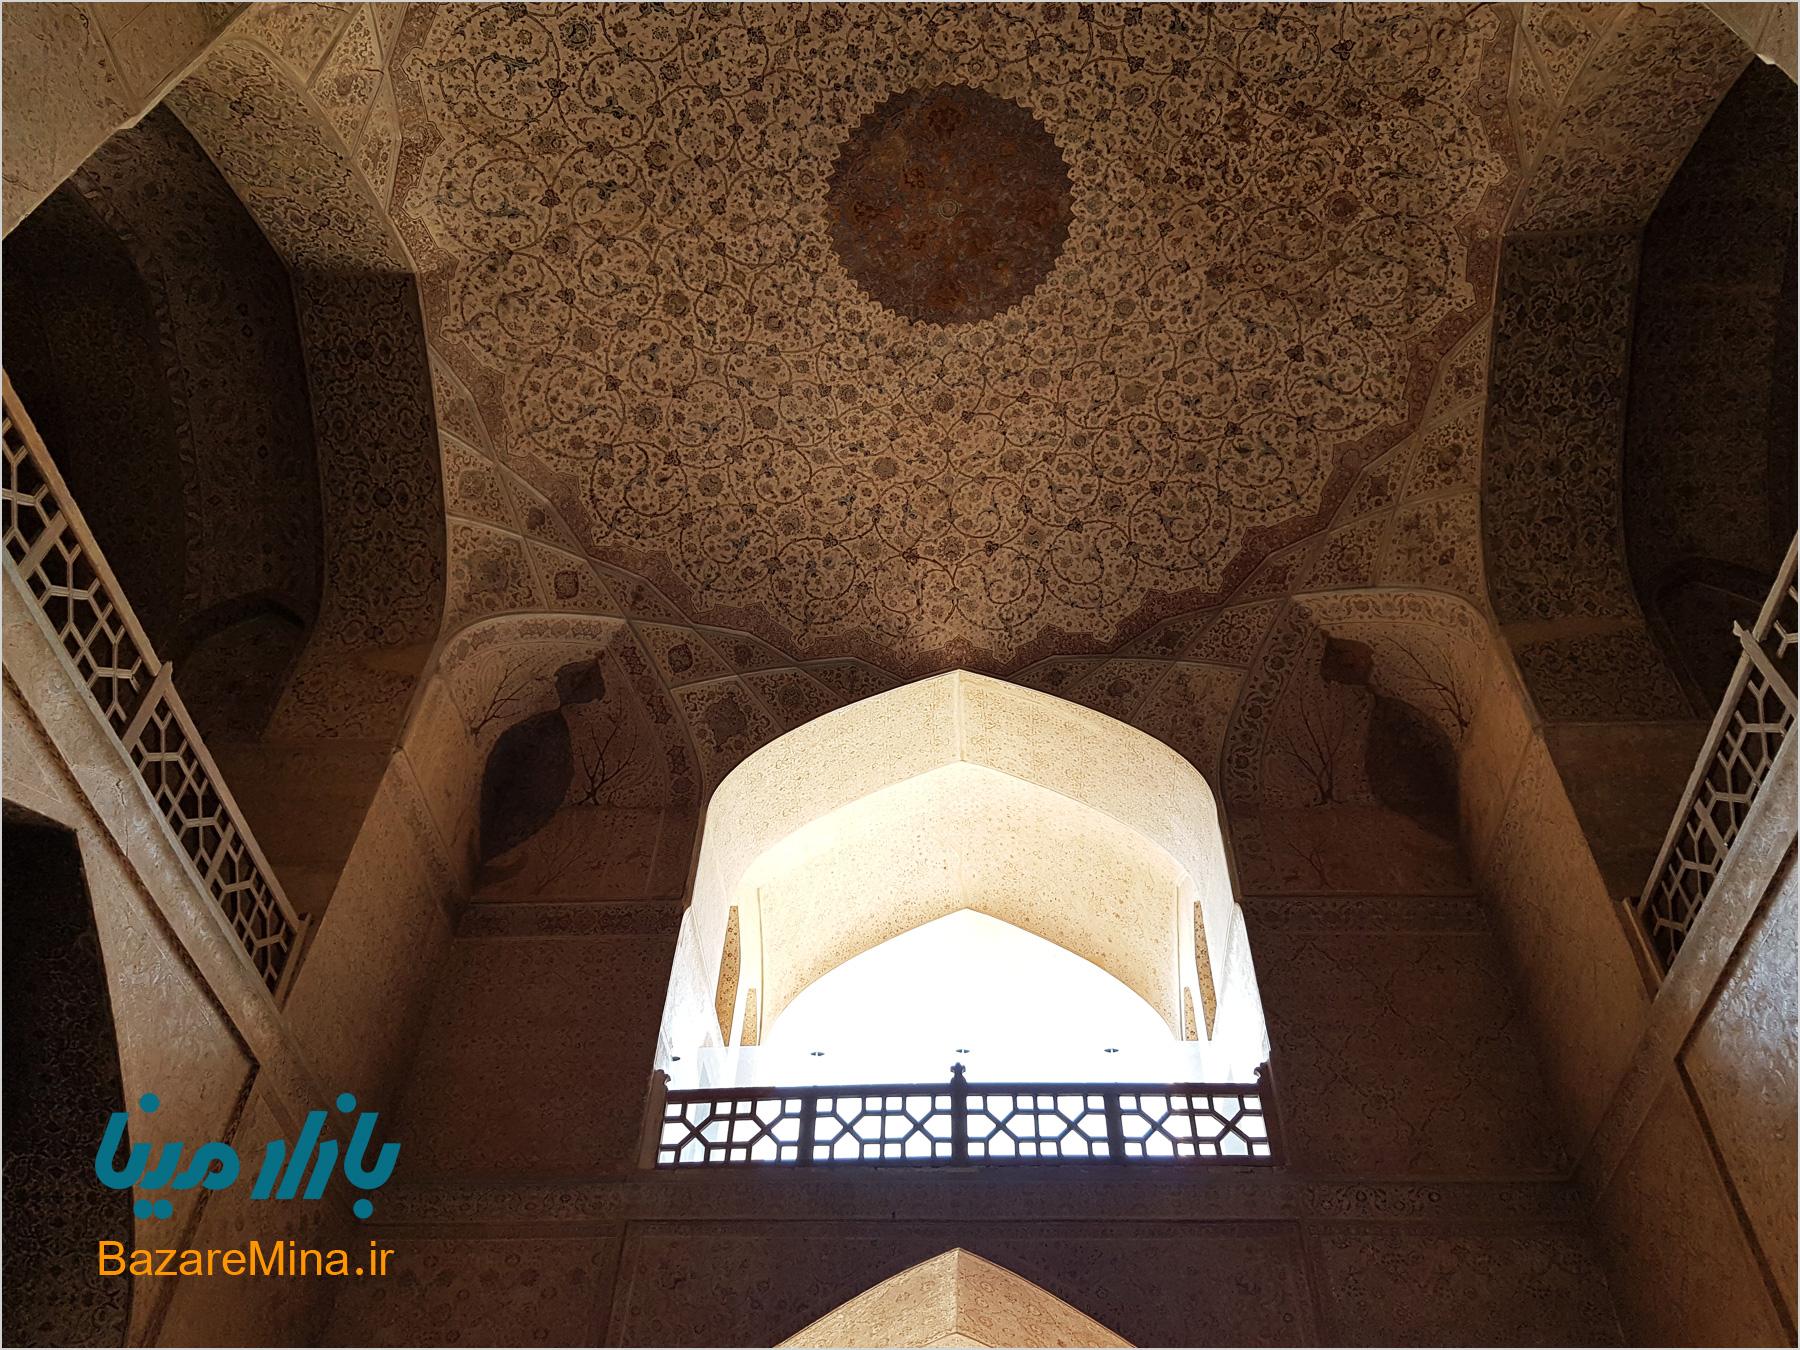 آشنایی با عالی قاپو اصفهان